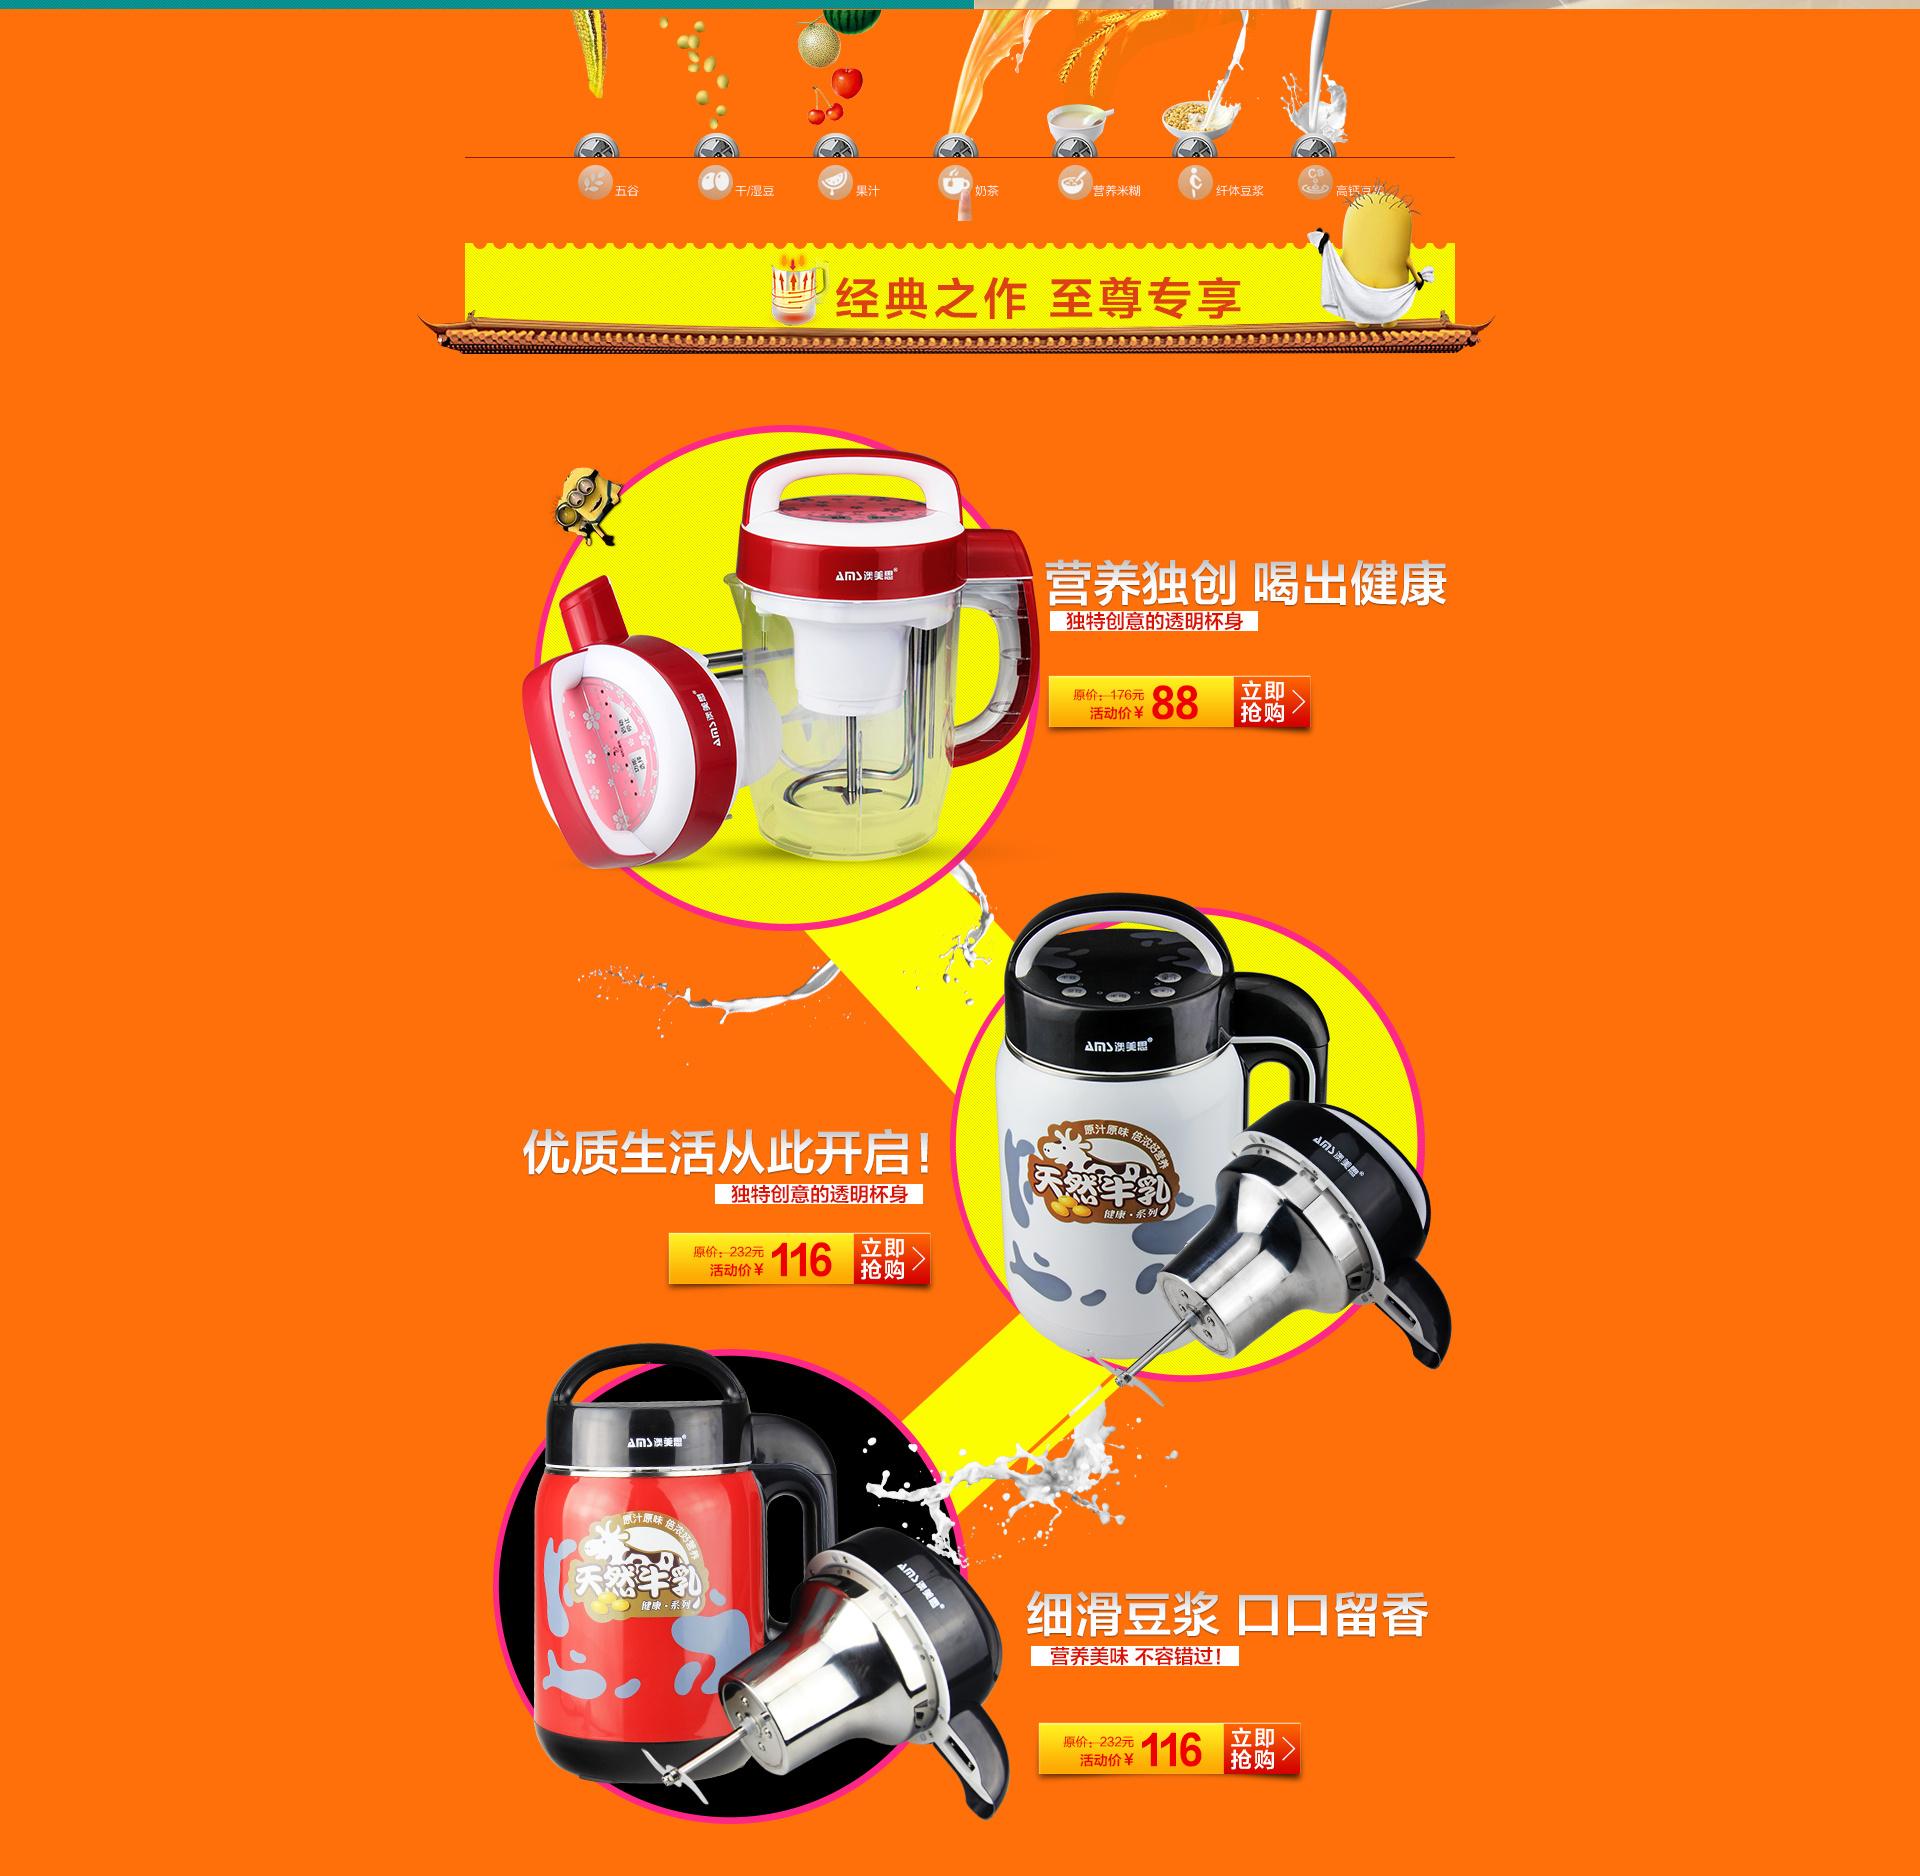 豆浆机 天猫网店广告图 产品排版图片